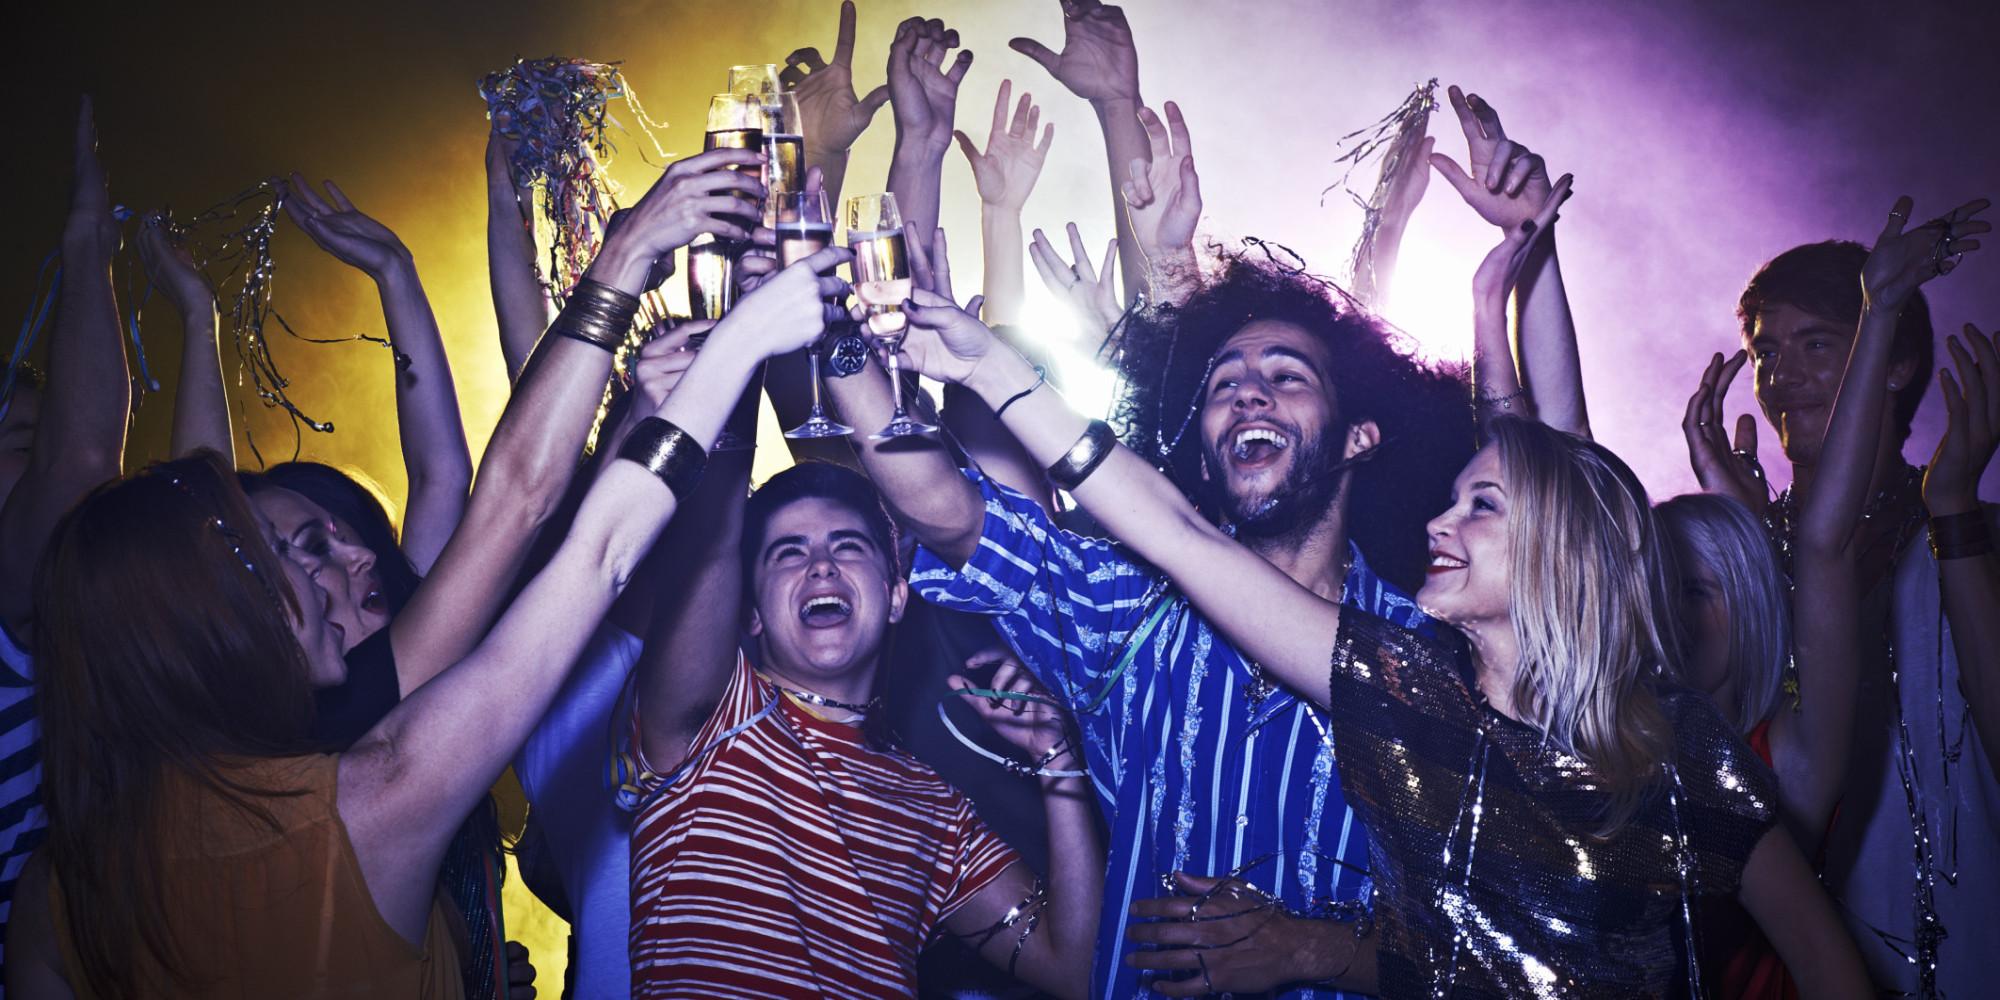 Пријателите кои заедно пијат имат поцврсти, поблиски и потрајни односи